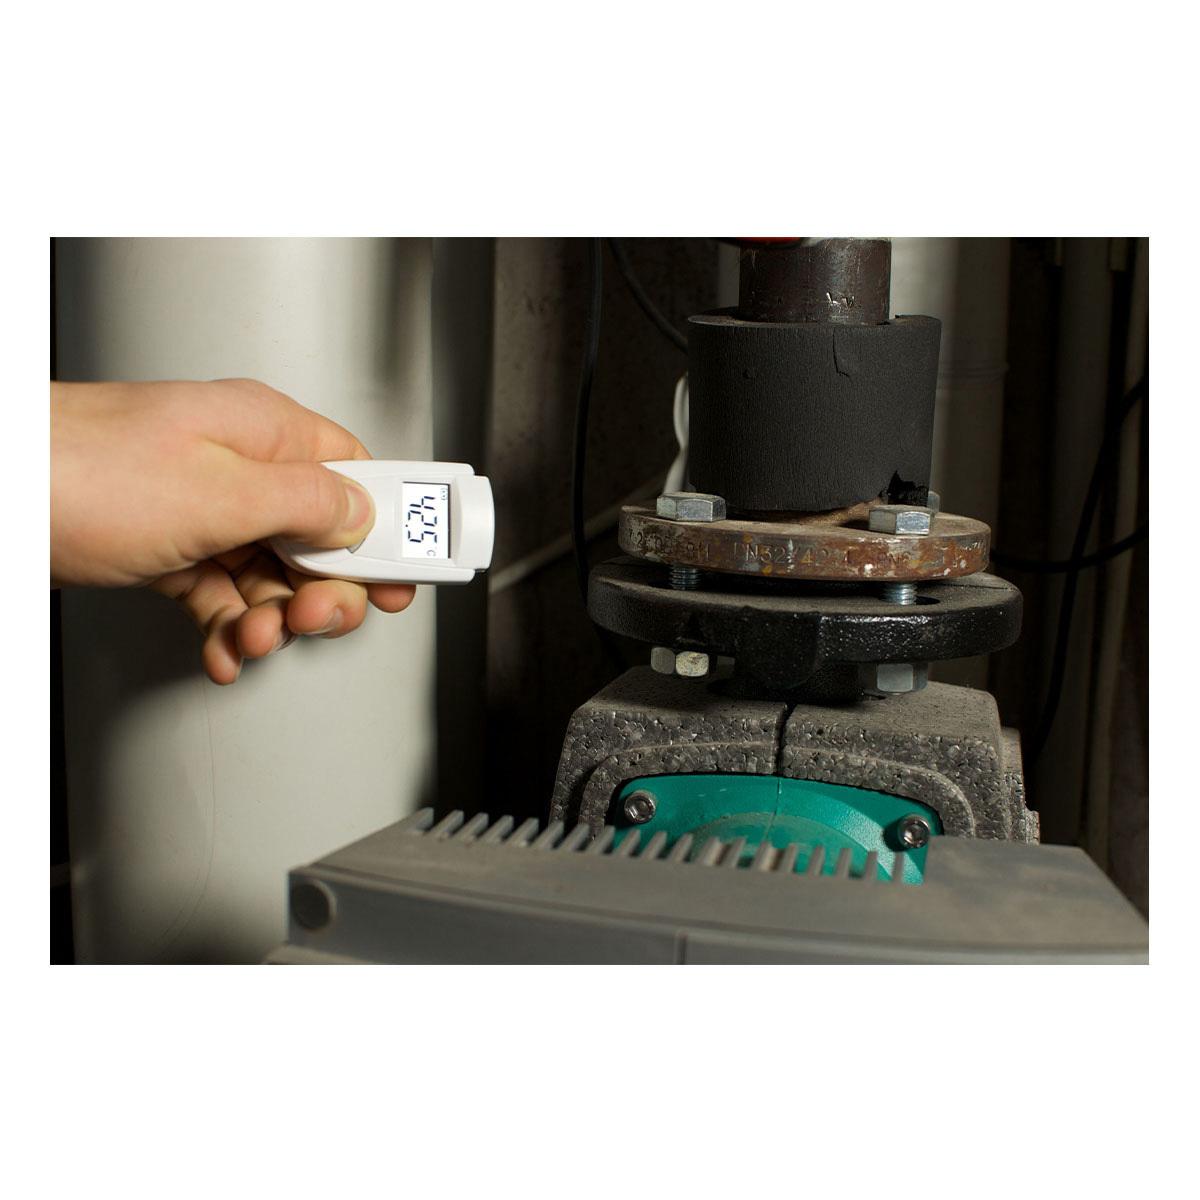 31-1108-infrarot-thermometer-mini-flash-anwendung-1200x1200px.jpg